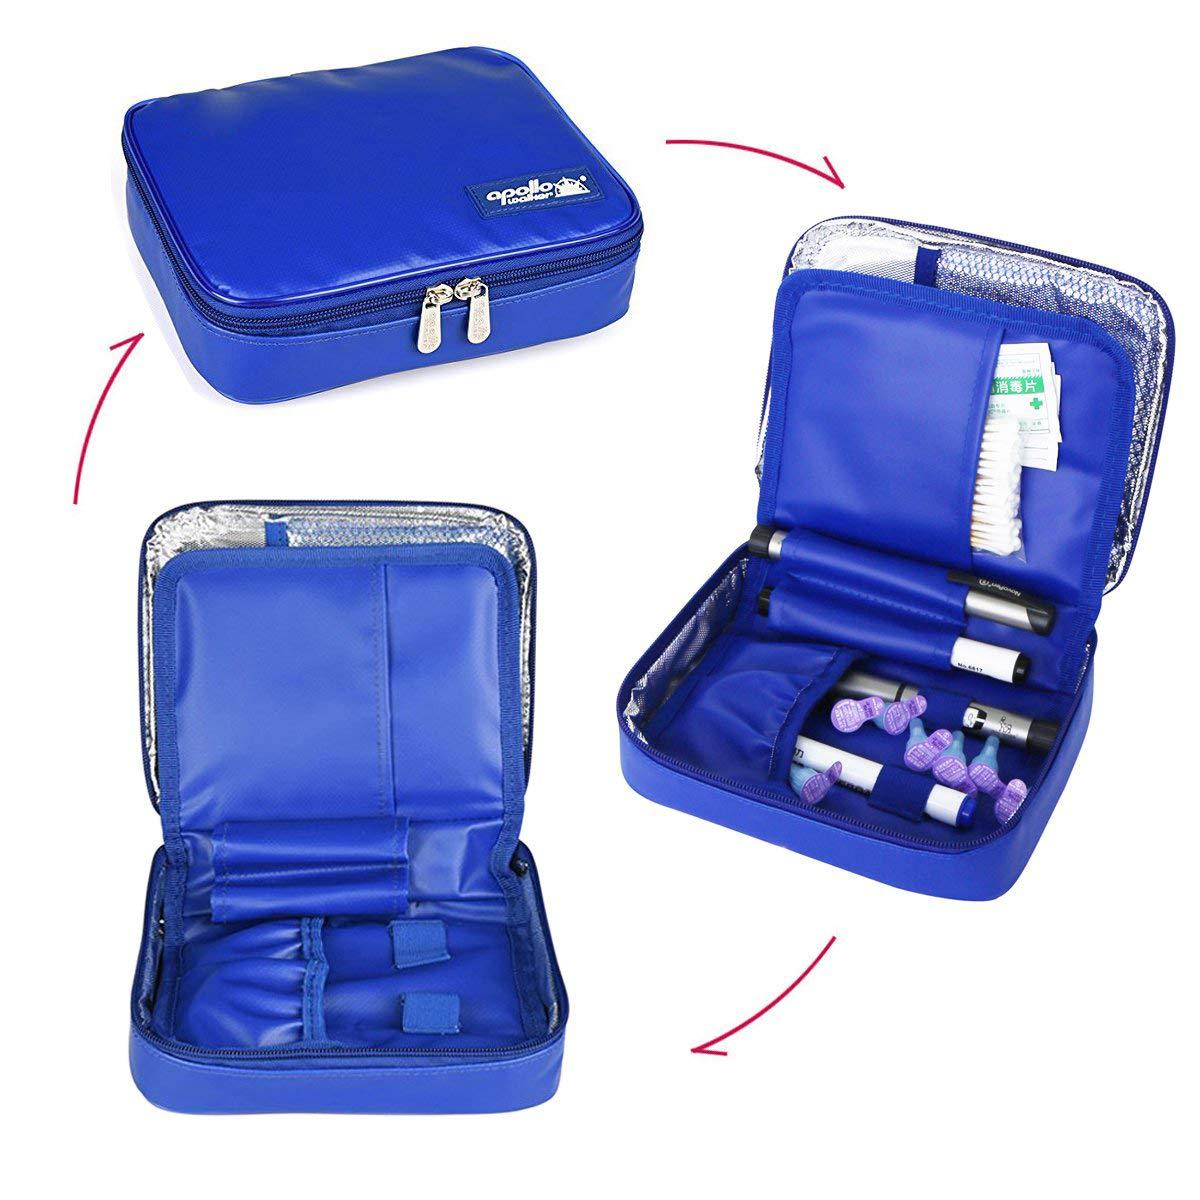 Amazon.com: ONEGenug Waterproof Insulin Cooler Travel Case ...